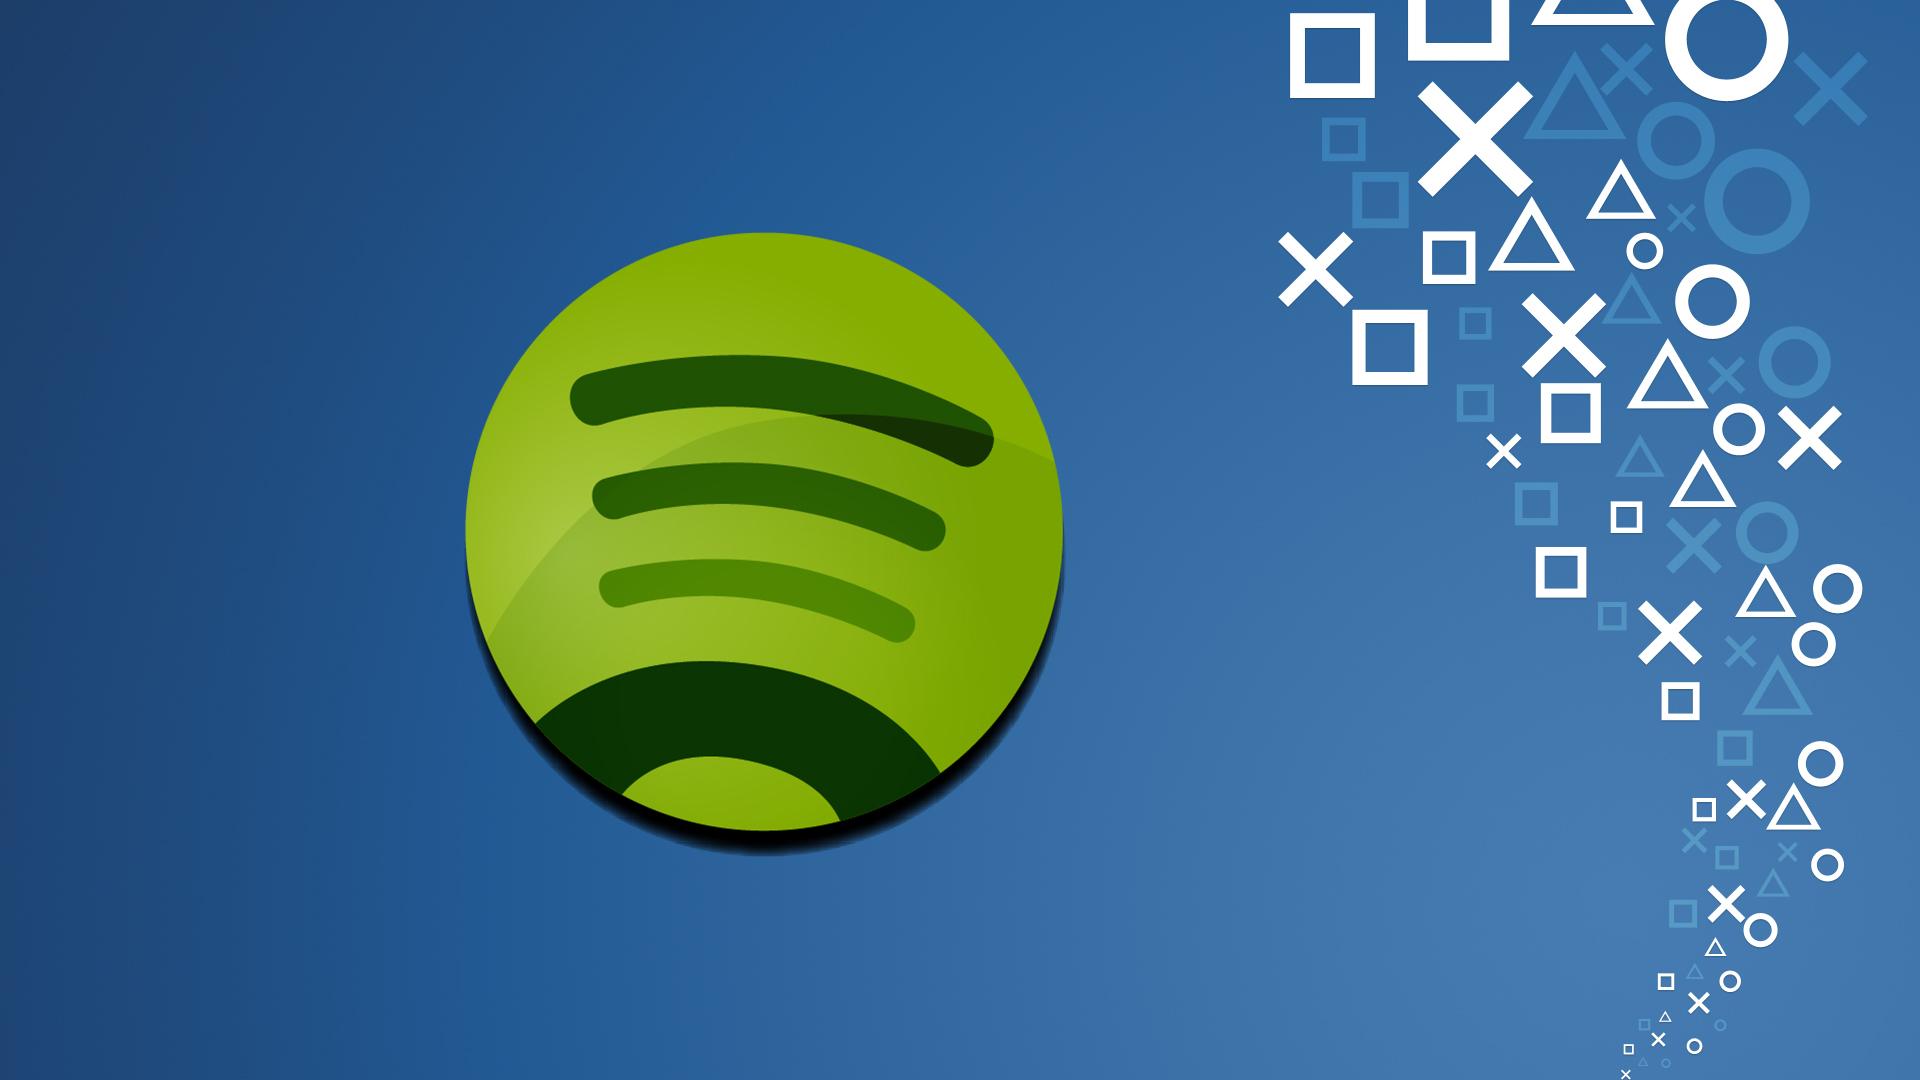 Niespodzianka dla graczy – w tym miejscu Spotify jeszcze nie było